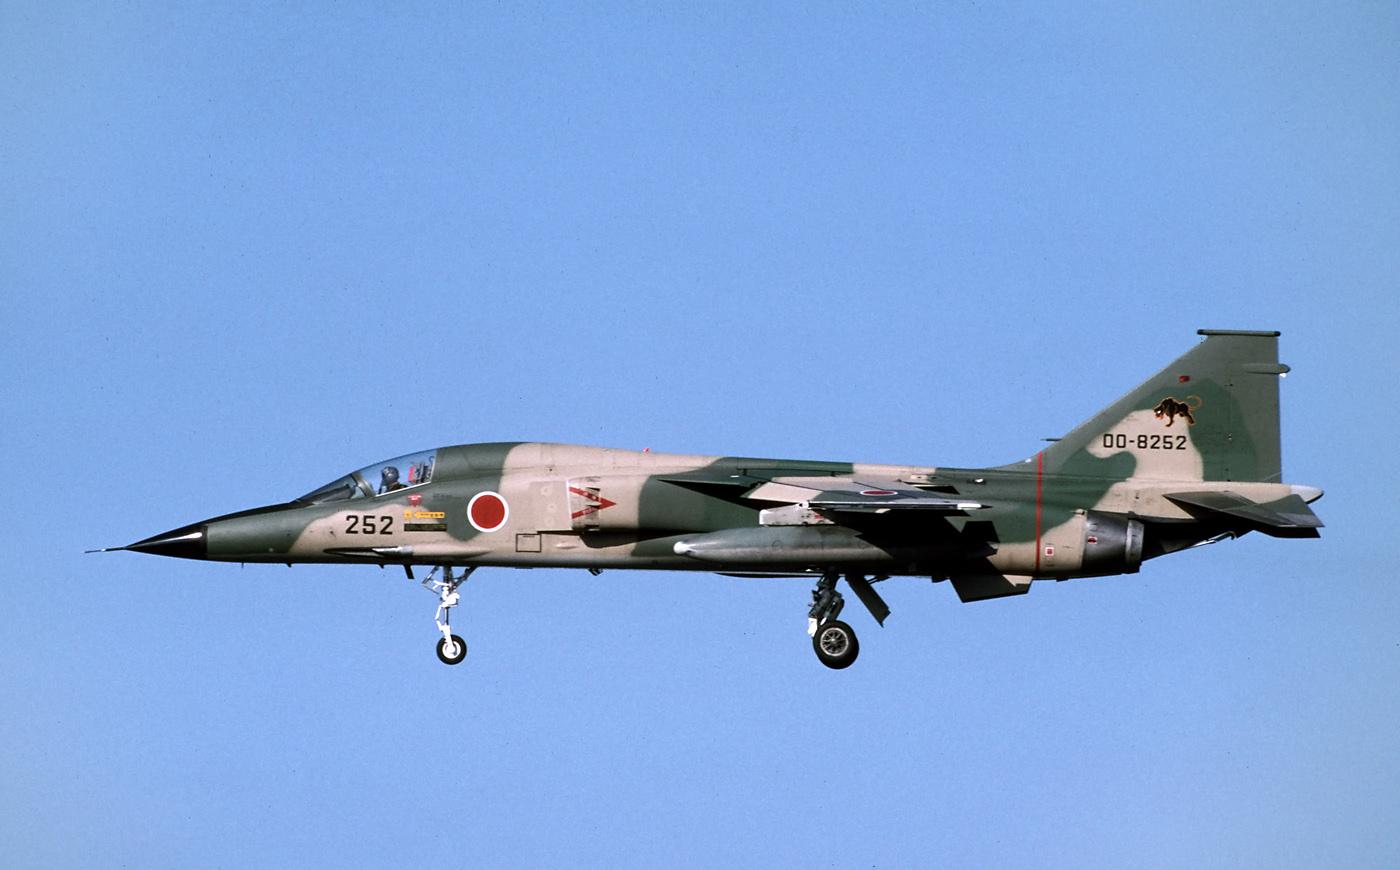 F 1 (航空機)の画像 p1_27